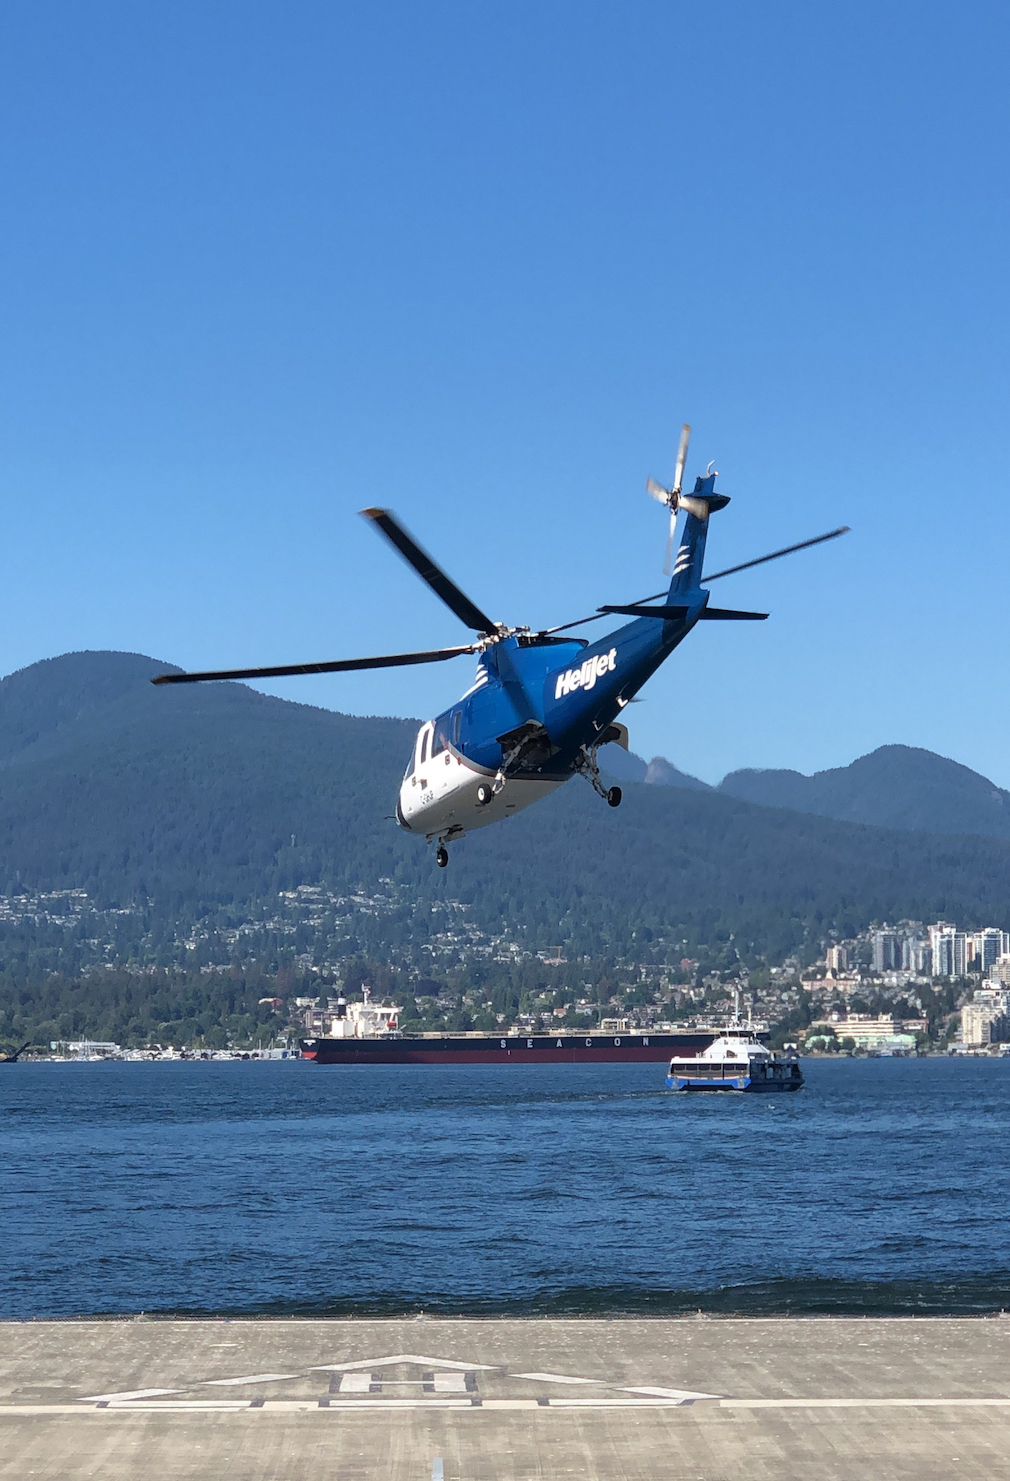 Helijet in Vancouver Harbour